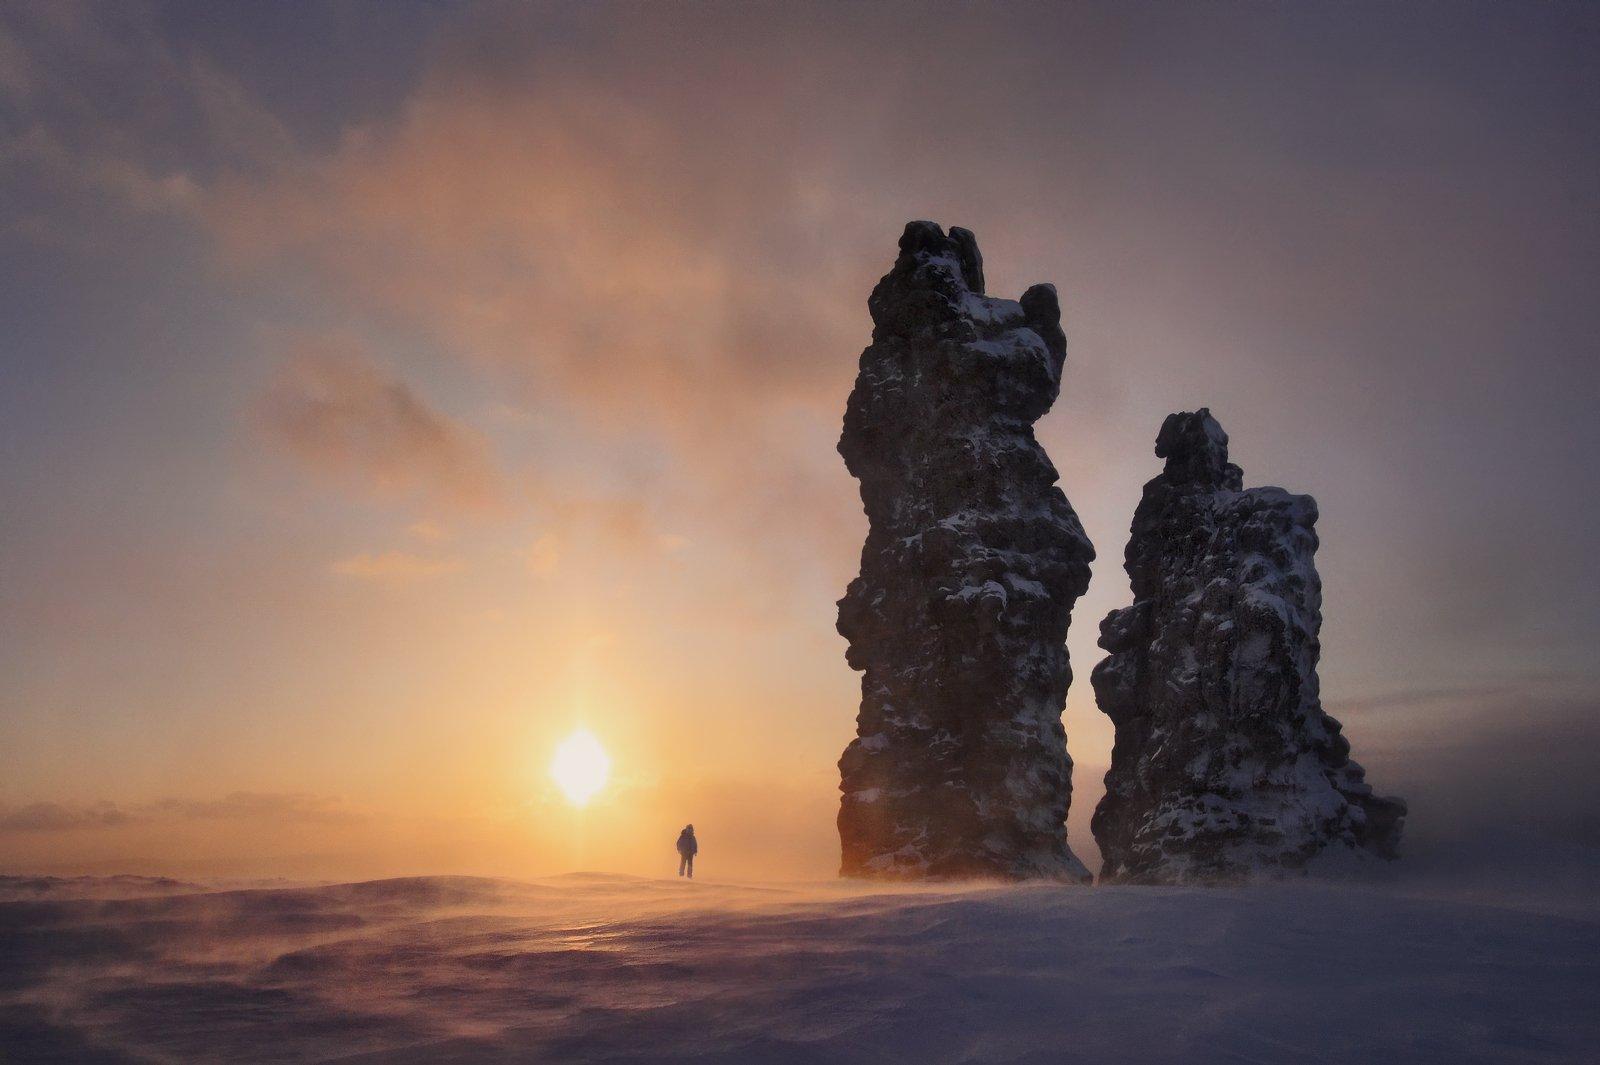 мань-пупу-нёр, хребет, плато, горы, скалы, останцы, северный урал, фотопутешествия, фототур, зима, снег, ветер, Бродяга с севера